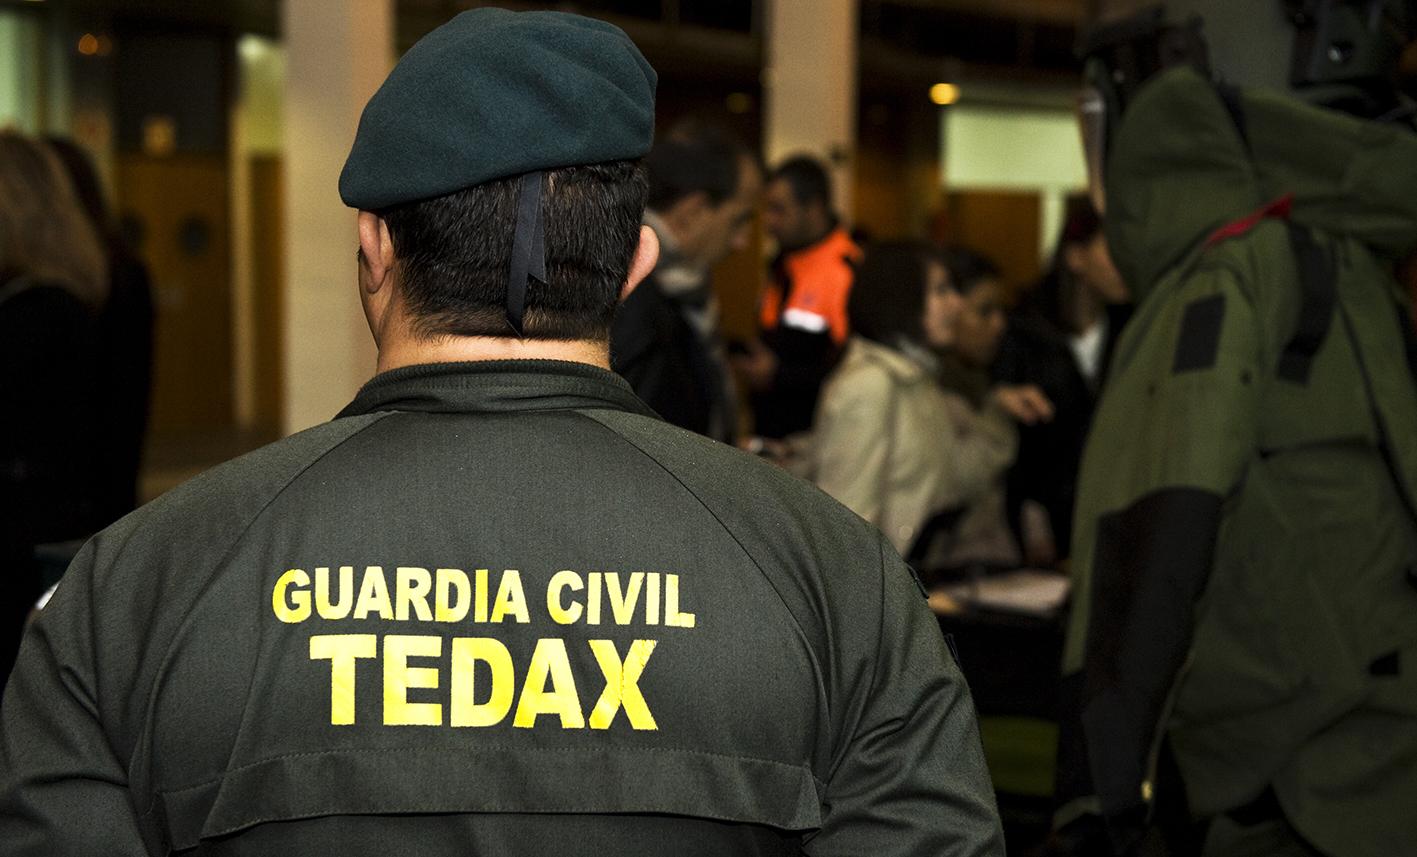 Los Tedax de la Guardia Civil explosionaron de forma segura el artefacto.